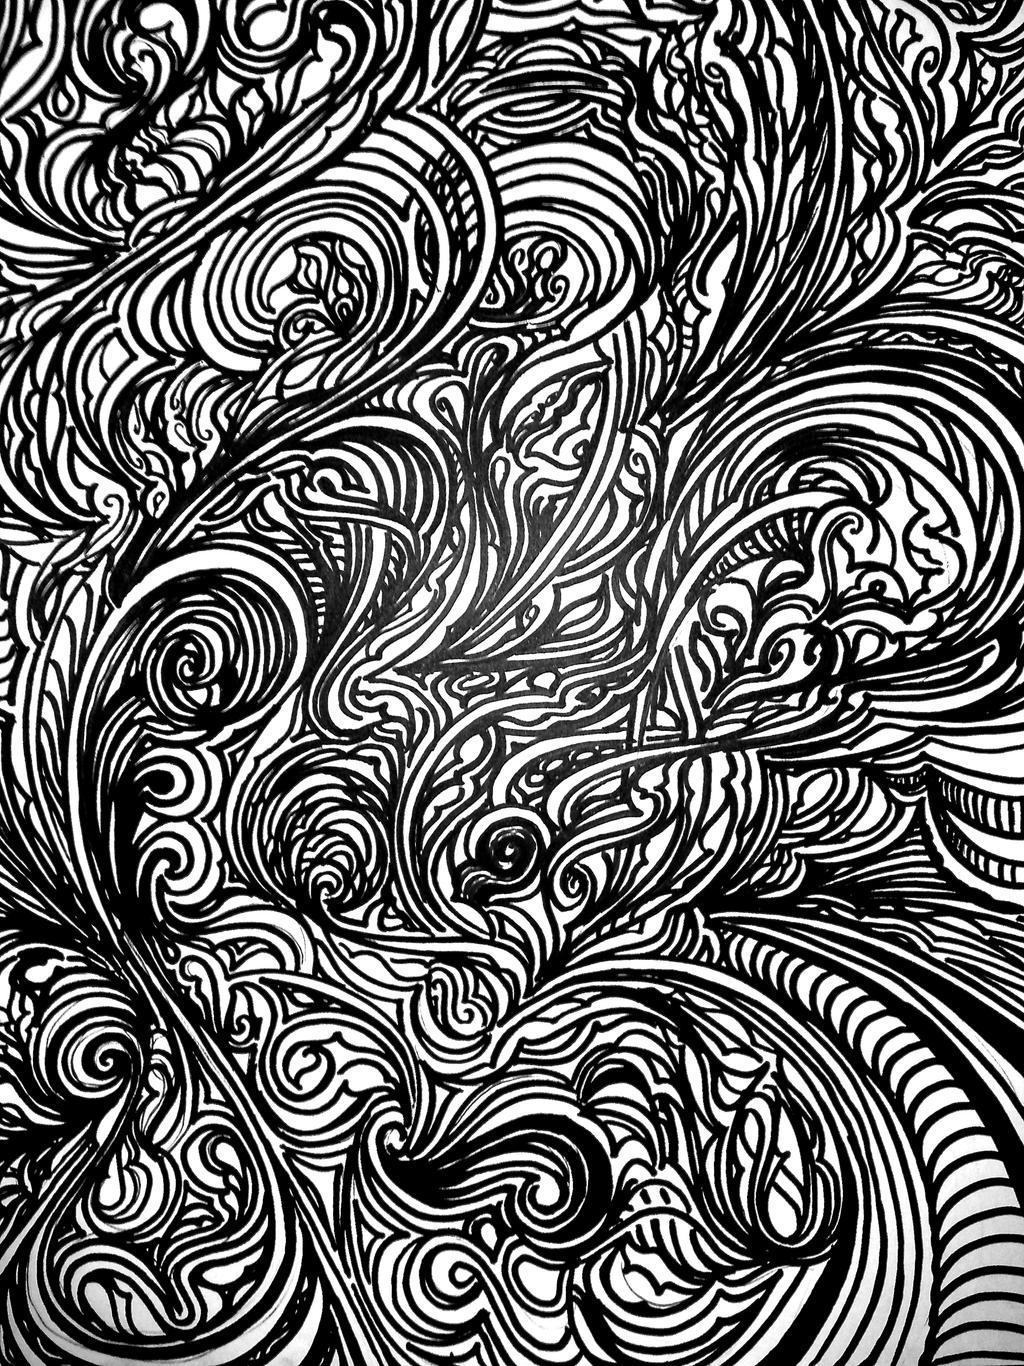 Sprawling Psychedelia by Odyssey8